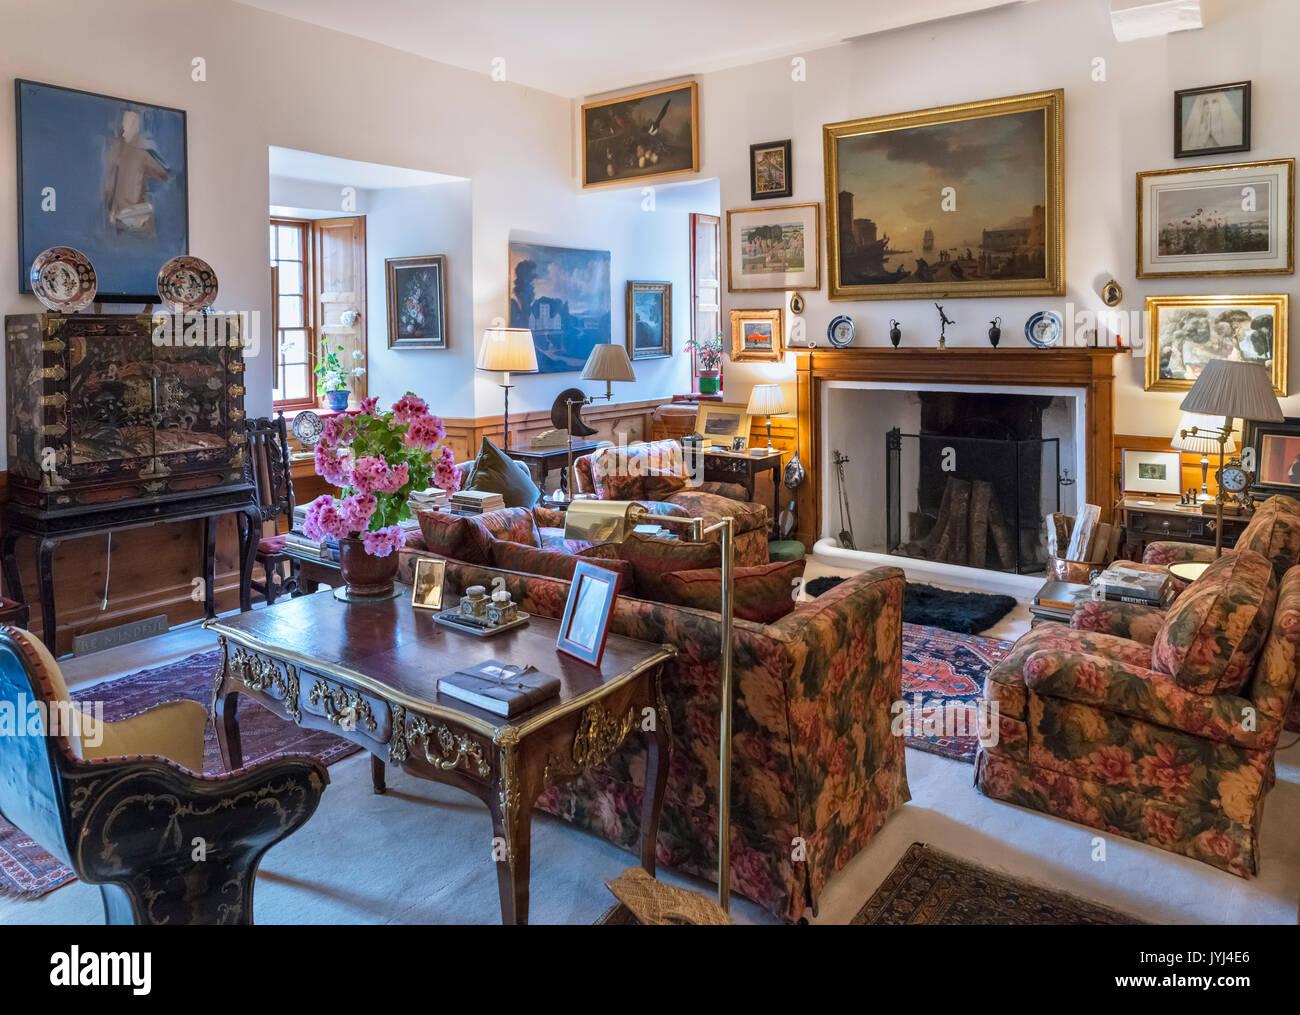 La camera nella torre in Cawdor Castle, Cawdor, Nairn, Highland, Scotland, Regno Unito Immagini Stock